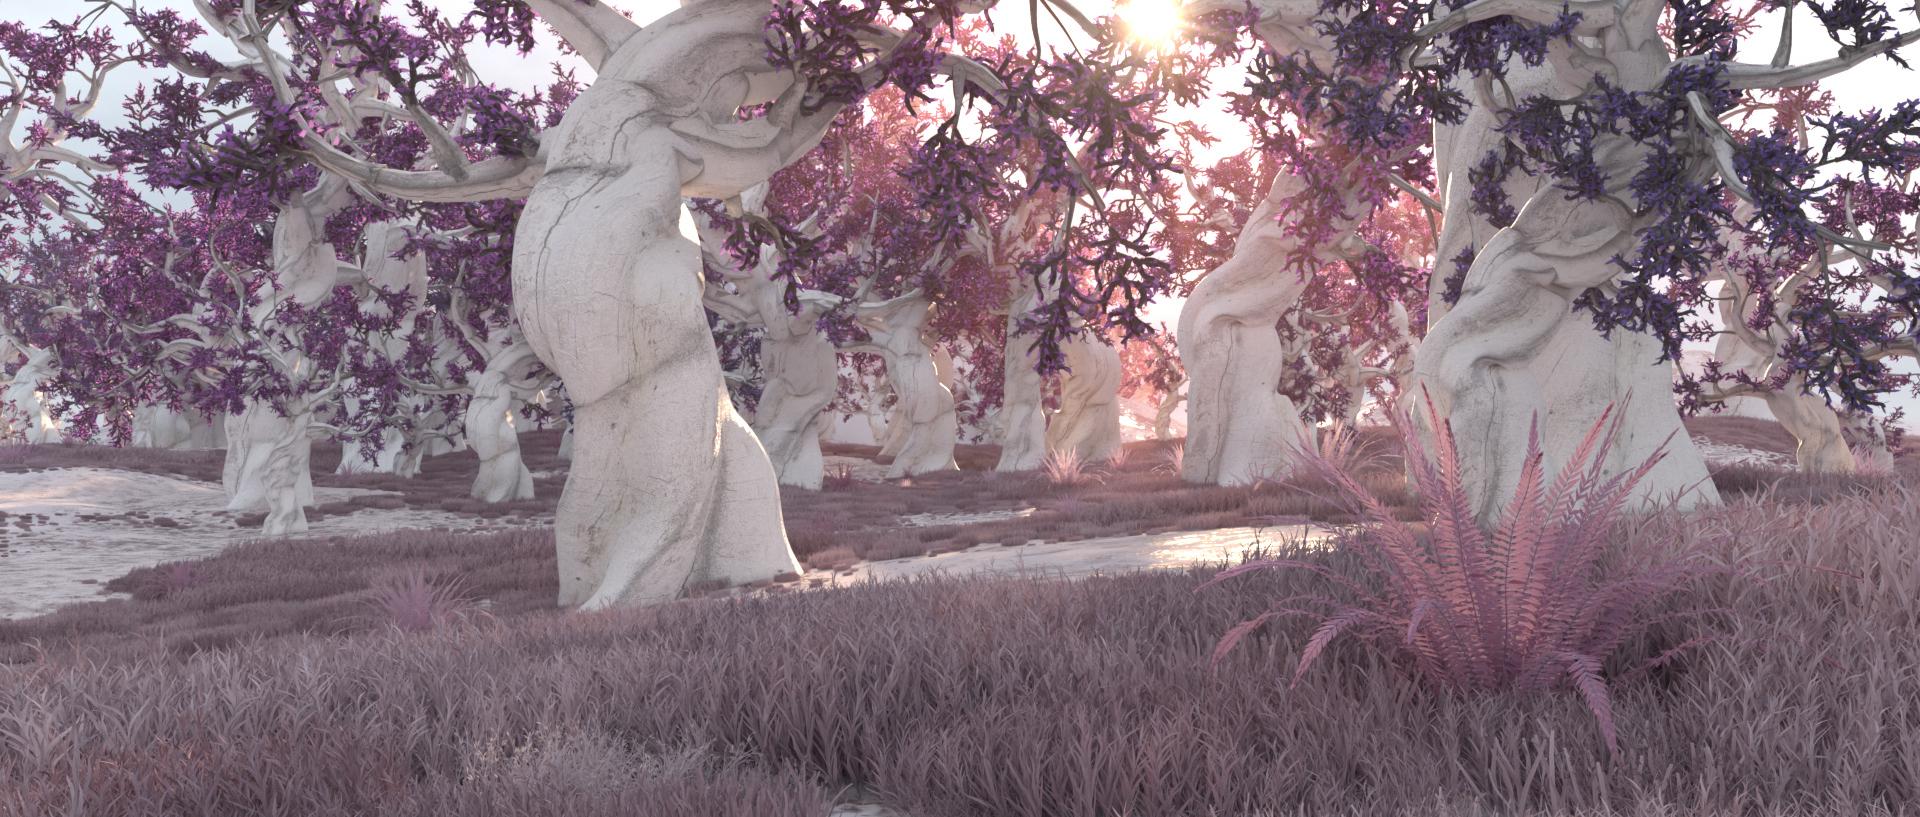 pink purple forrest surreal landscape